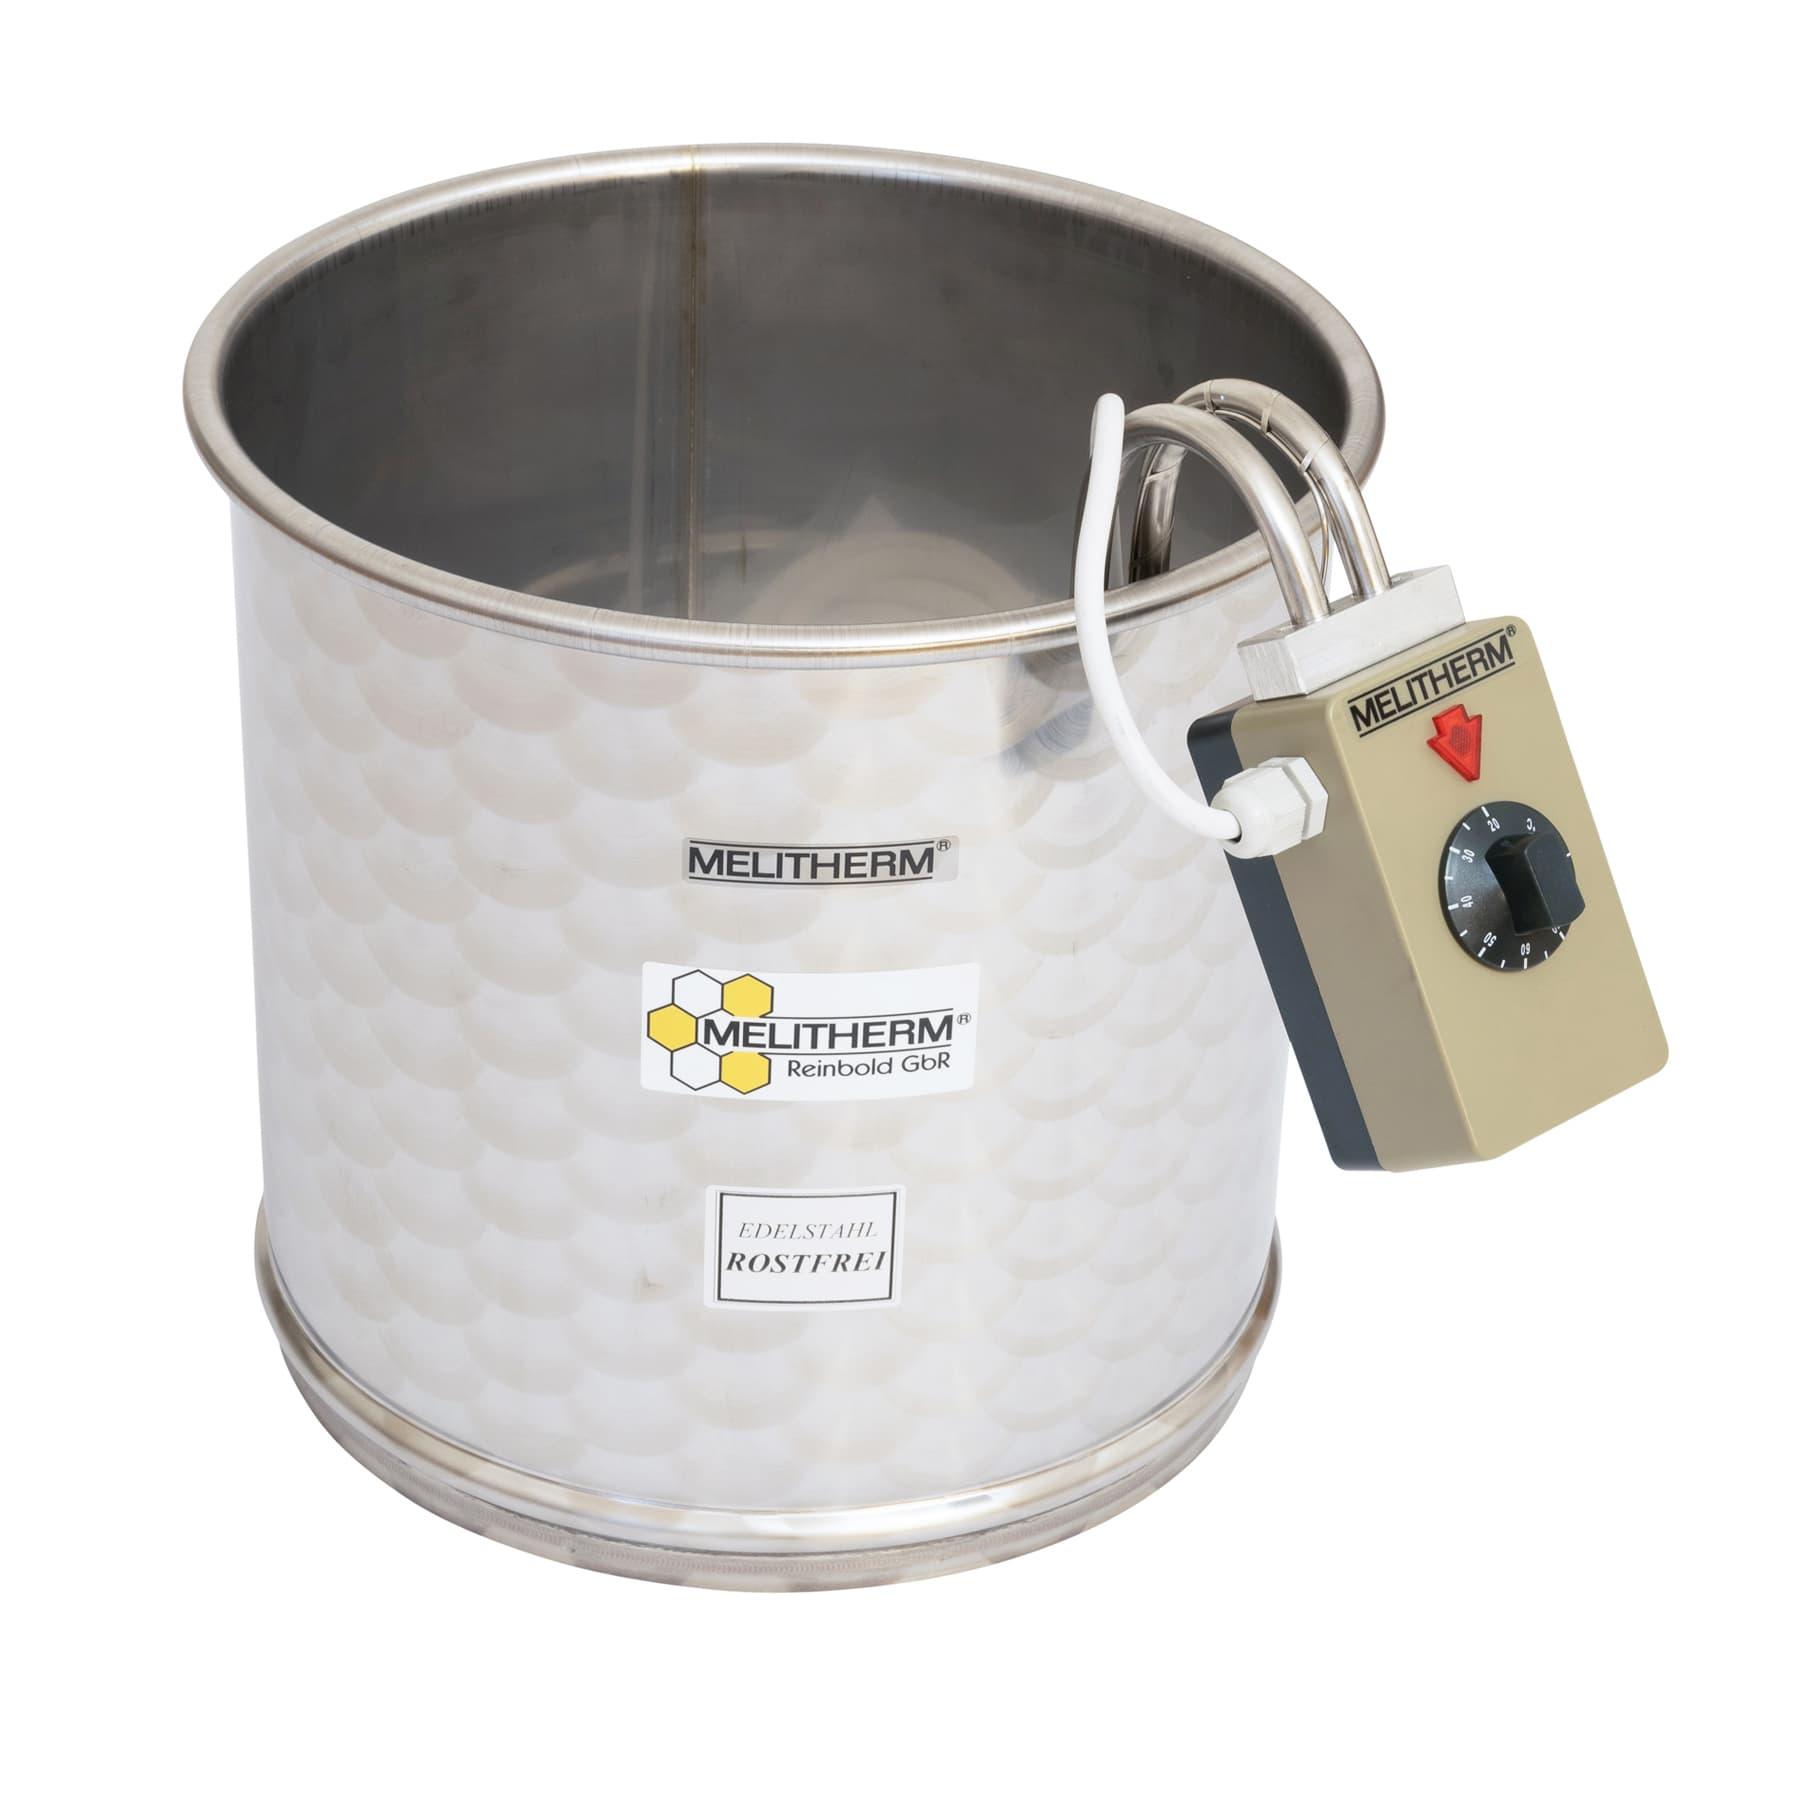 Melitherm mit außenliegendem Thermostat